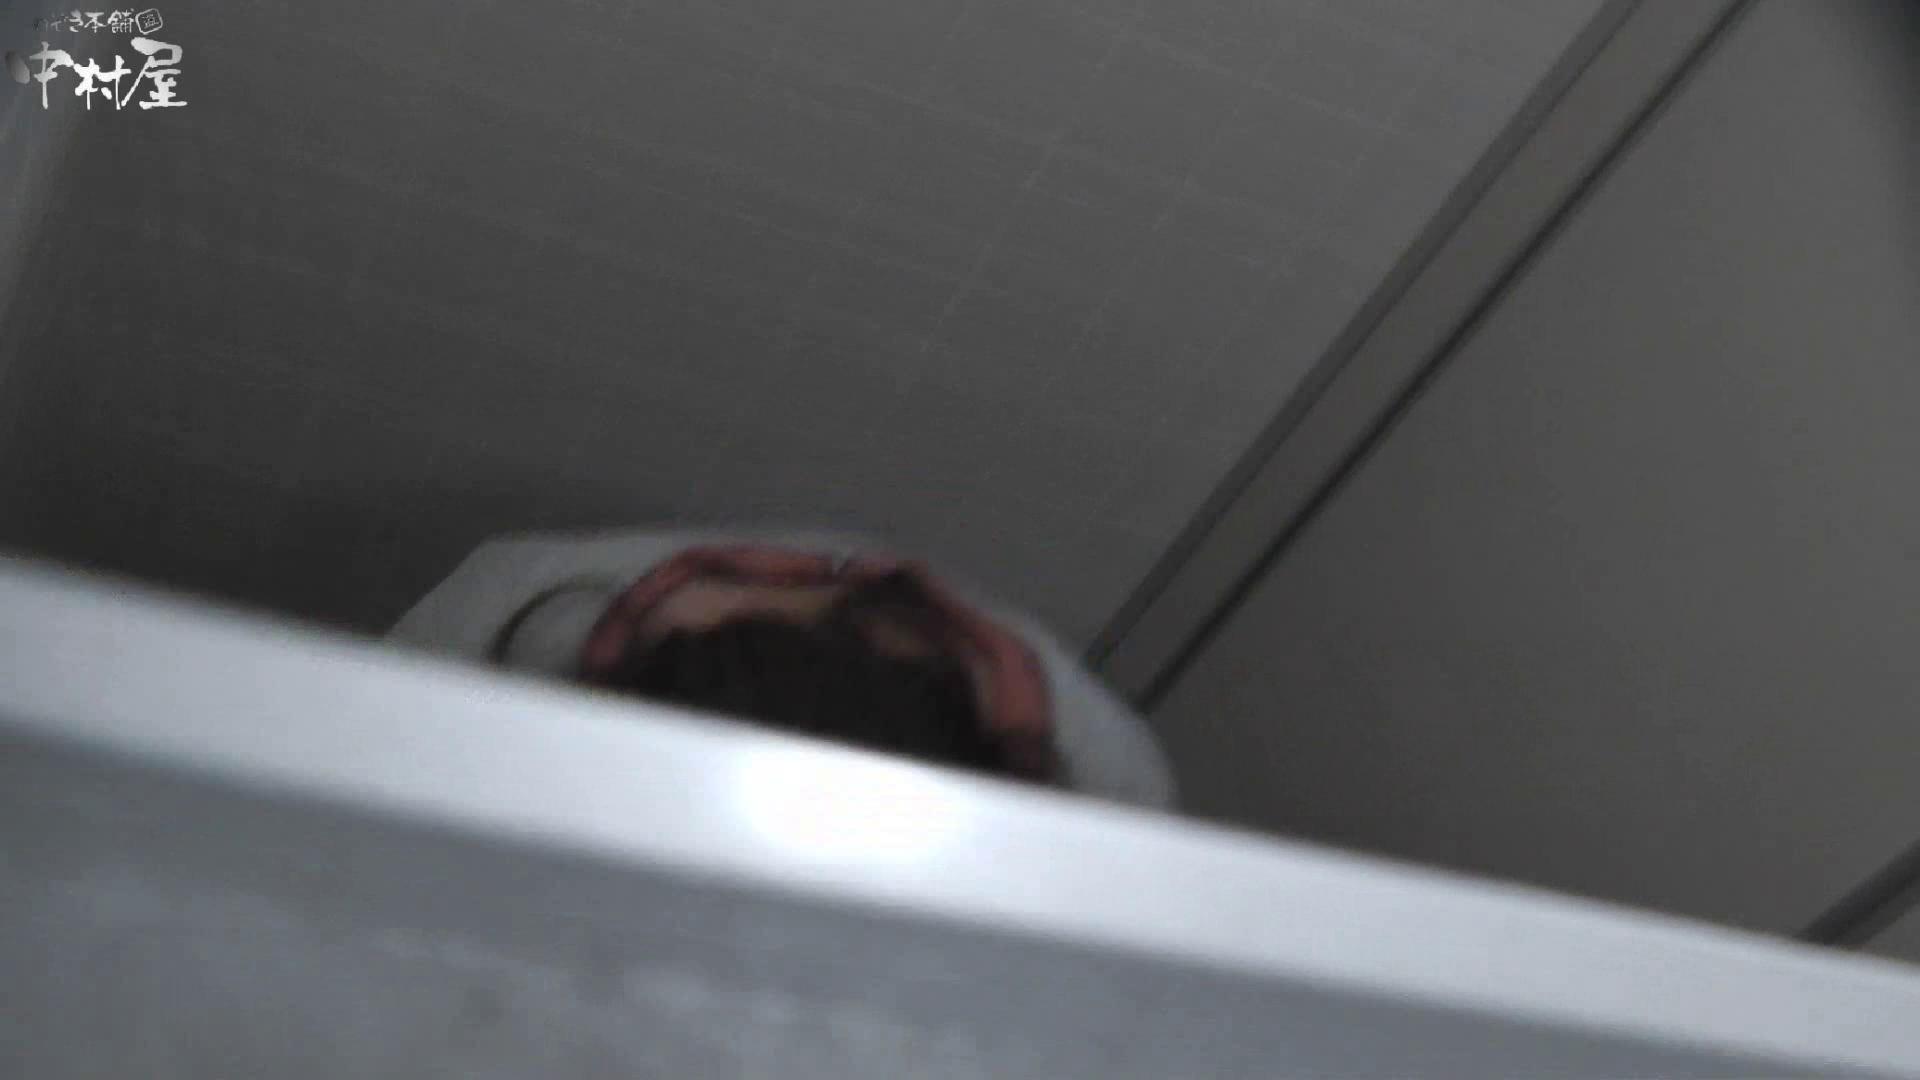 vol.07 命がけ潜伏洗面所! パンツの跡(ひも付き) 潜入  110pic 73